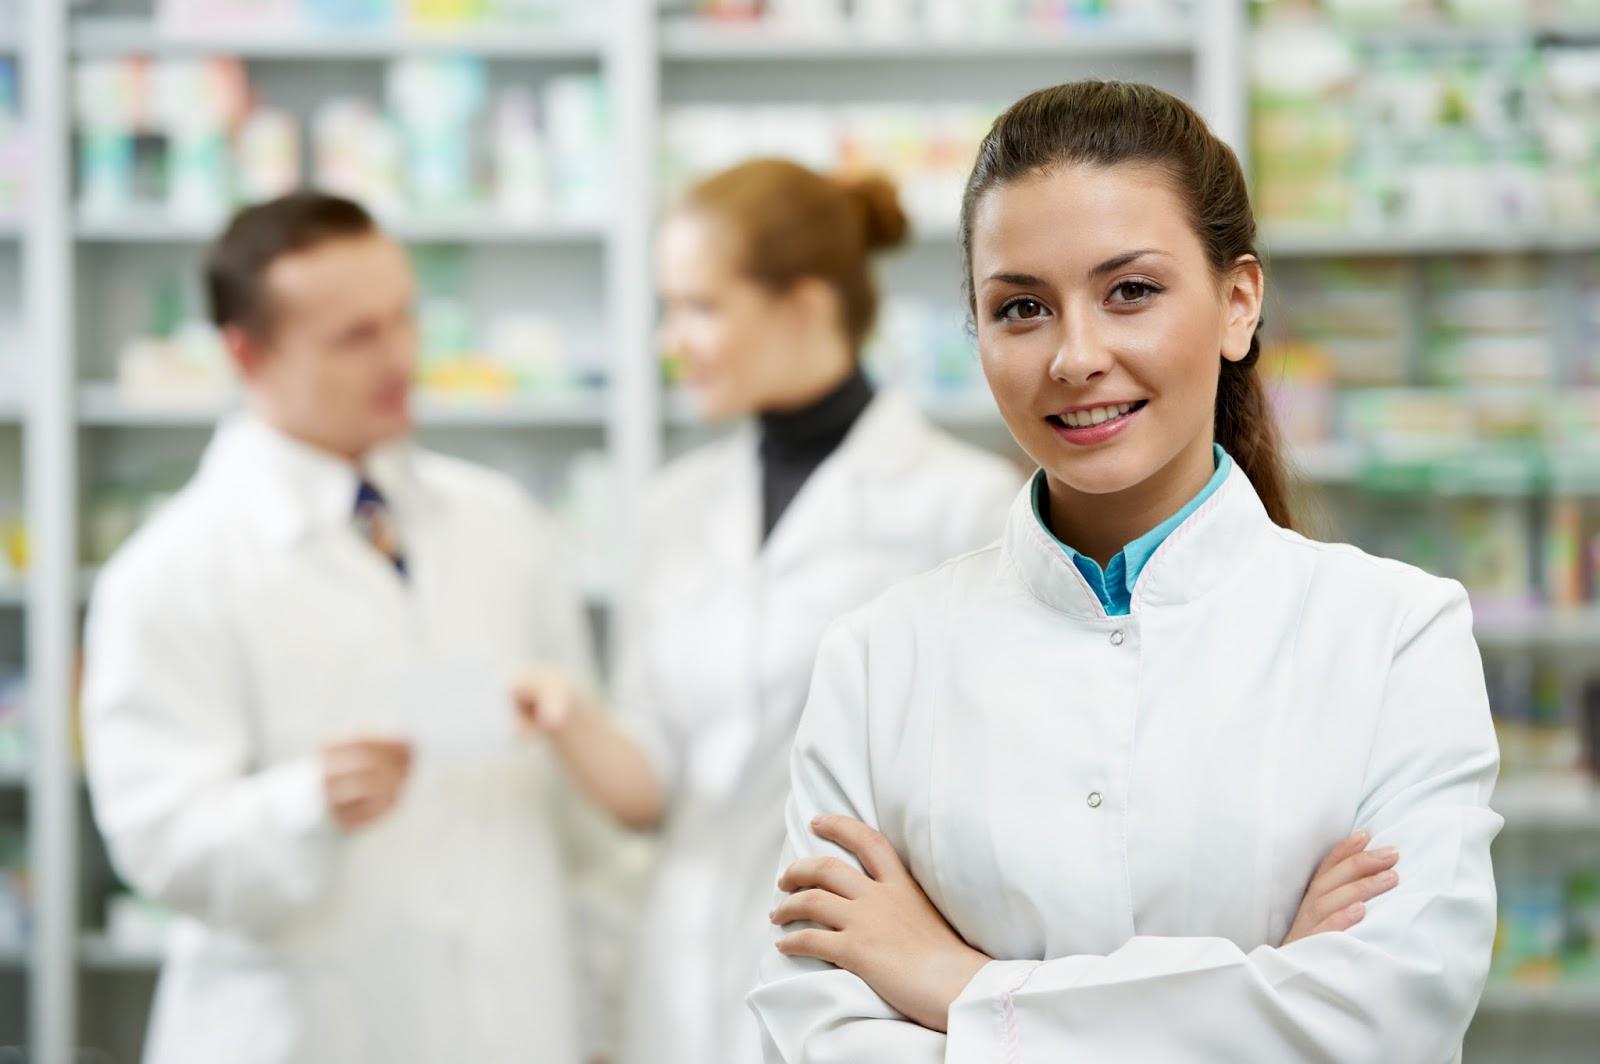 Phương thức xét tuyển Cao đẳng Y tế Hà Nội năm 2017